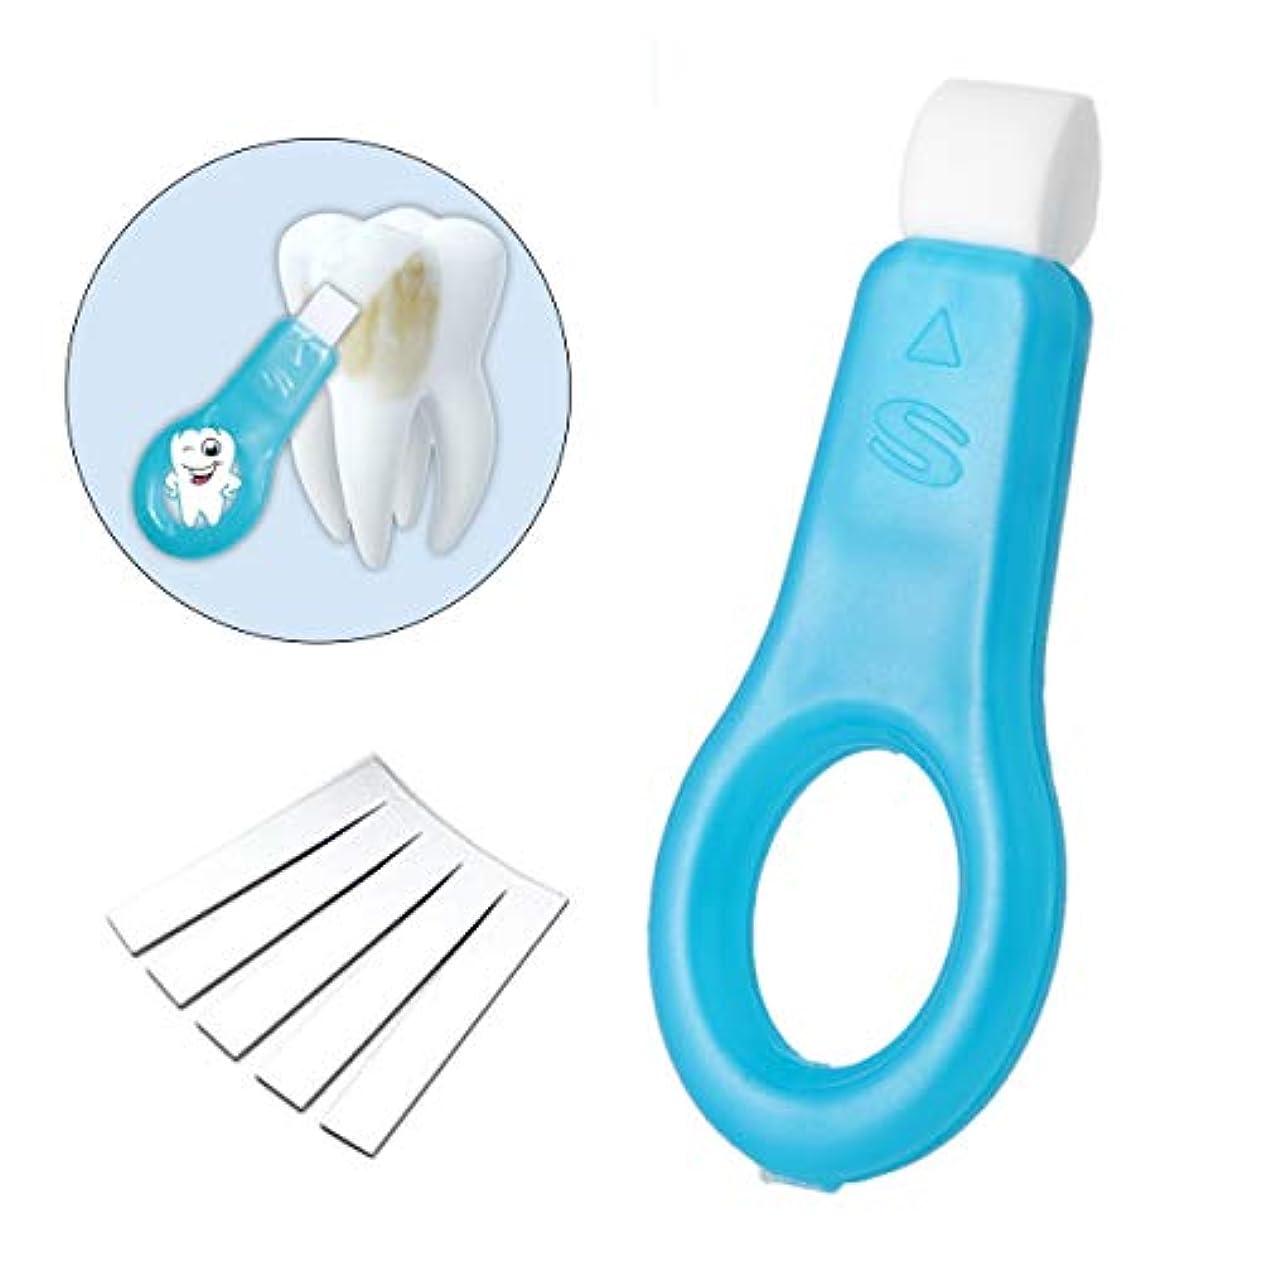 好色な香港問い合わせるOurine 歯 消しゴム ピーリングスポンジ ホームケア用 ホワイトニング ブラシ歯をきれいにするキット 本体 (ブルー)+替えスポンジ5枚 セット (青)